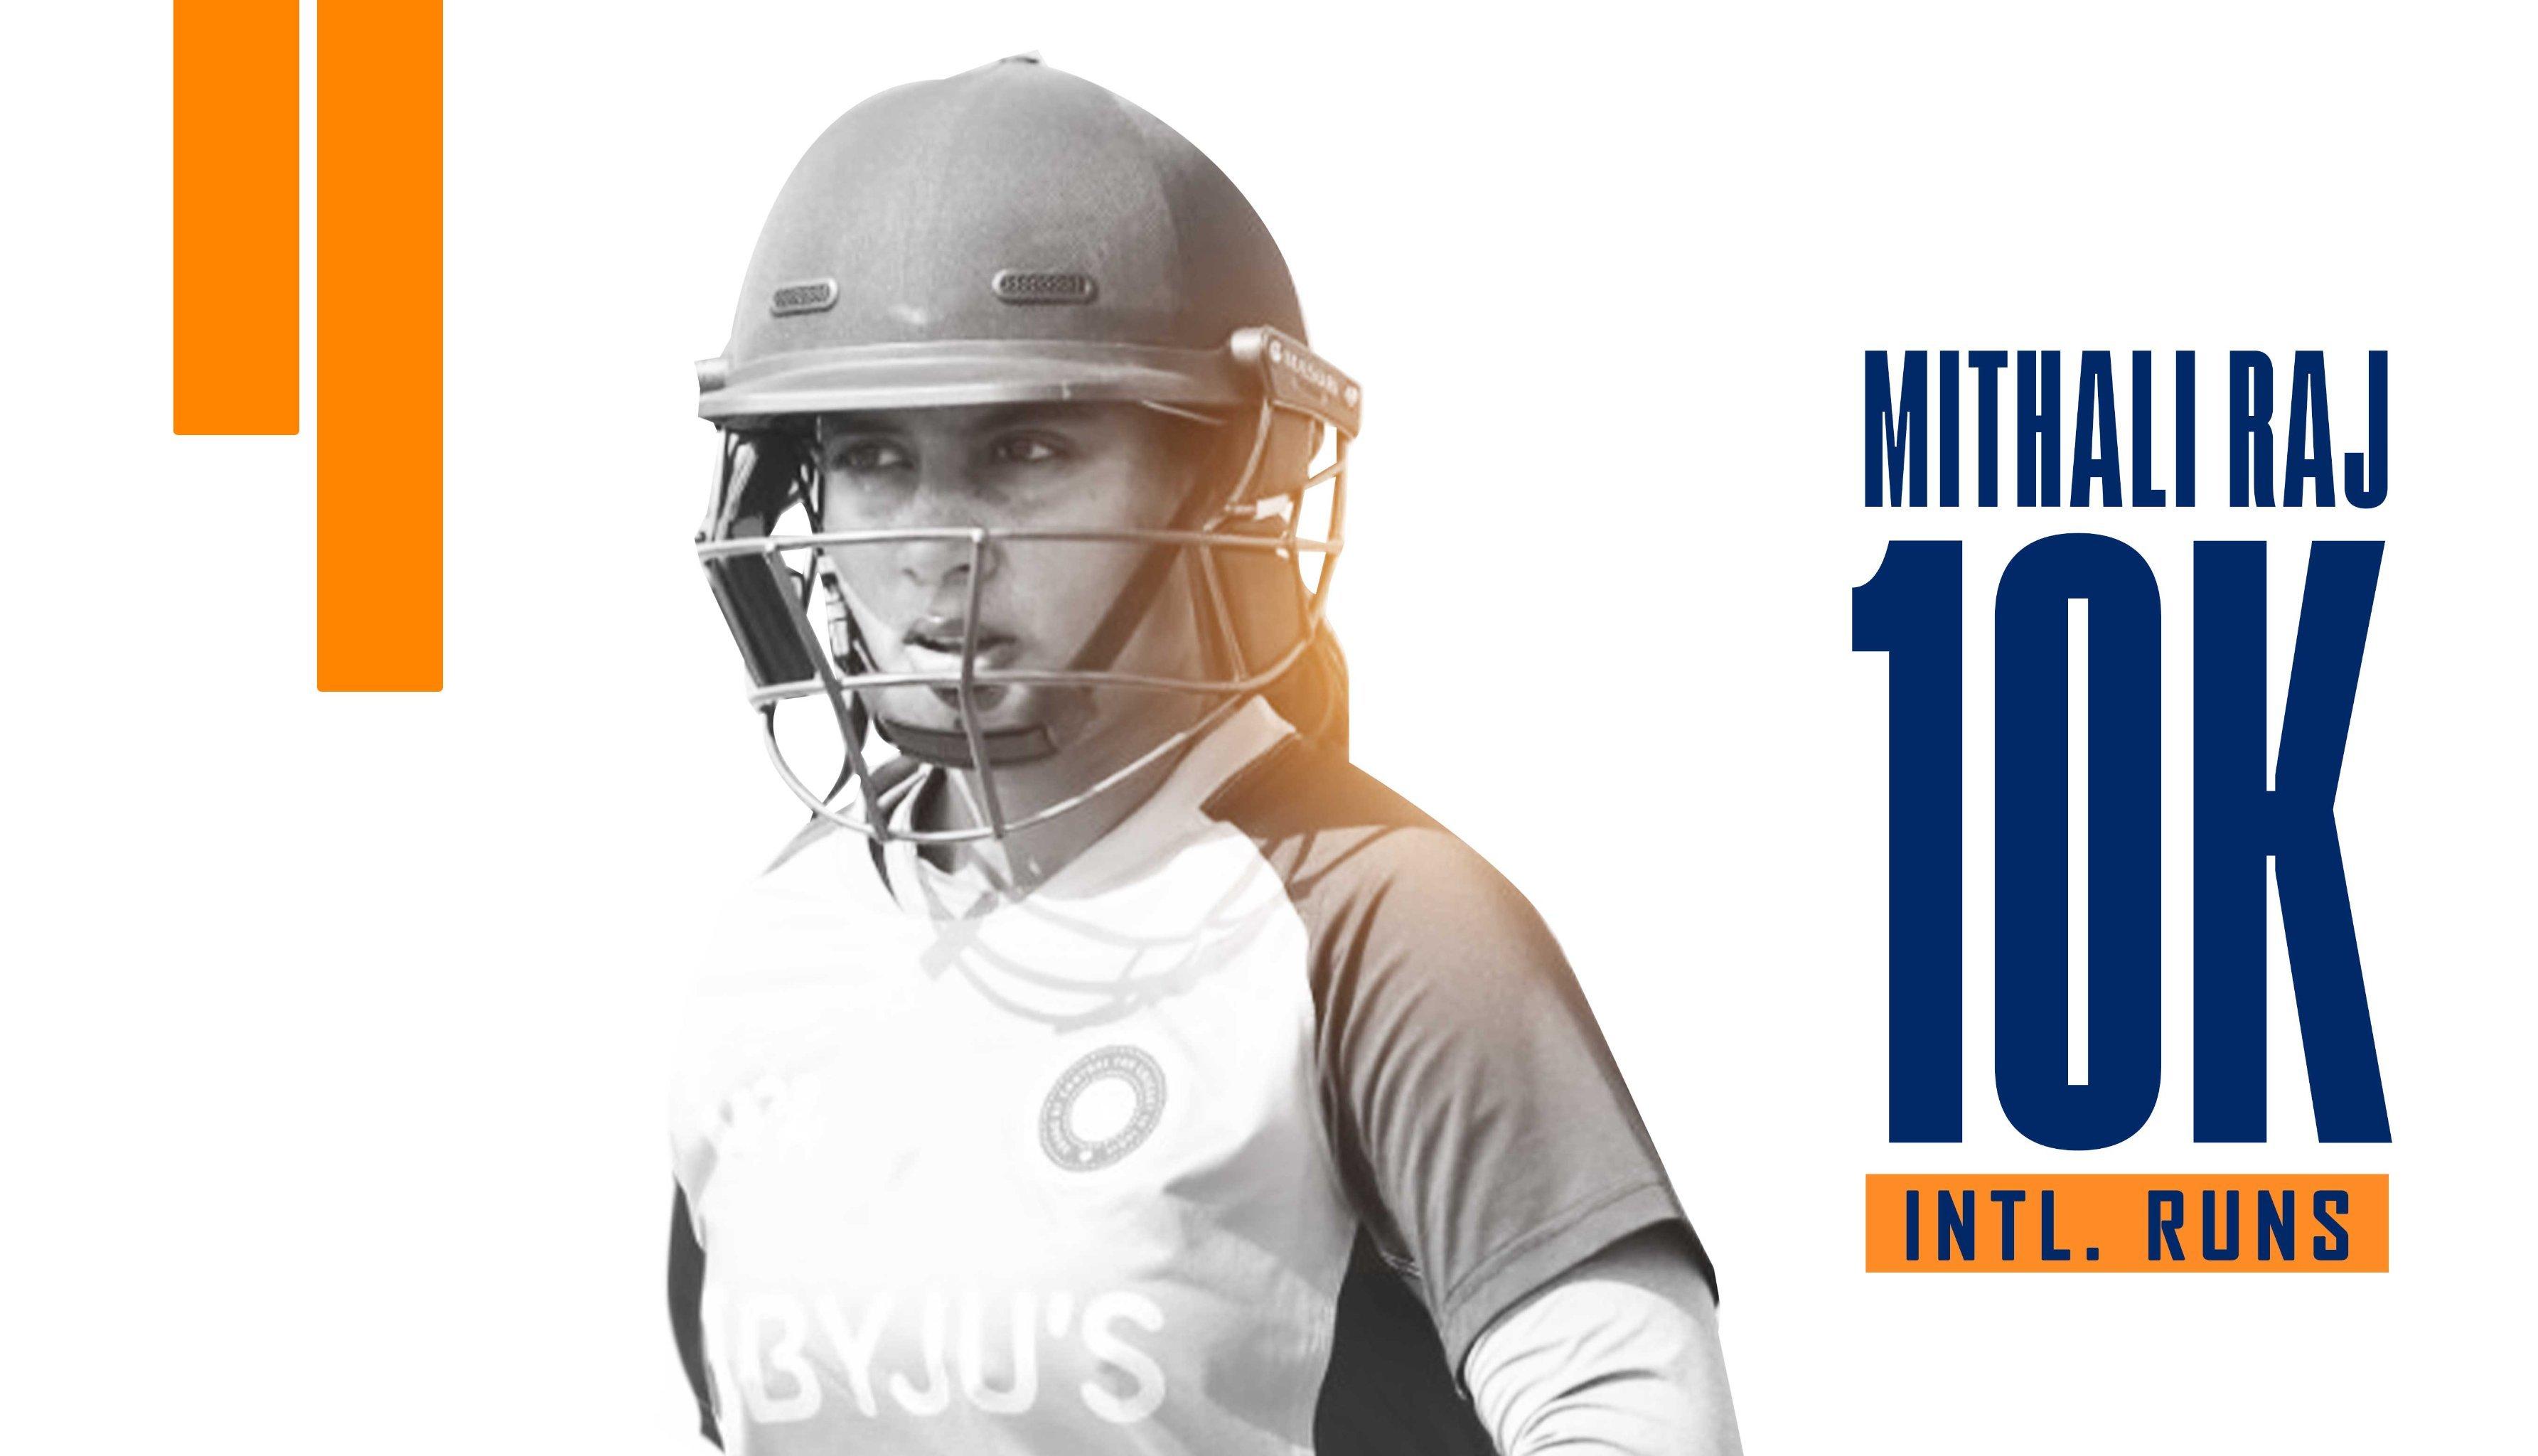 मिताली राज ने रचा इतिहास, अंतरराष्ट्रीय क्रिकेट में 10,000 रन पूरे करने वाली पहली भारतीय महिला क्रिकेटर बनीं